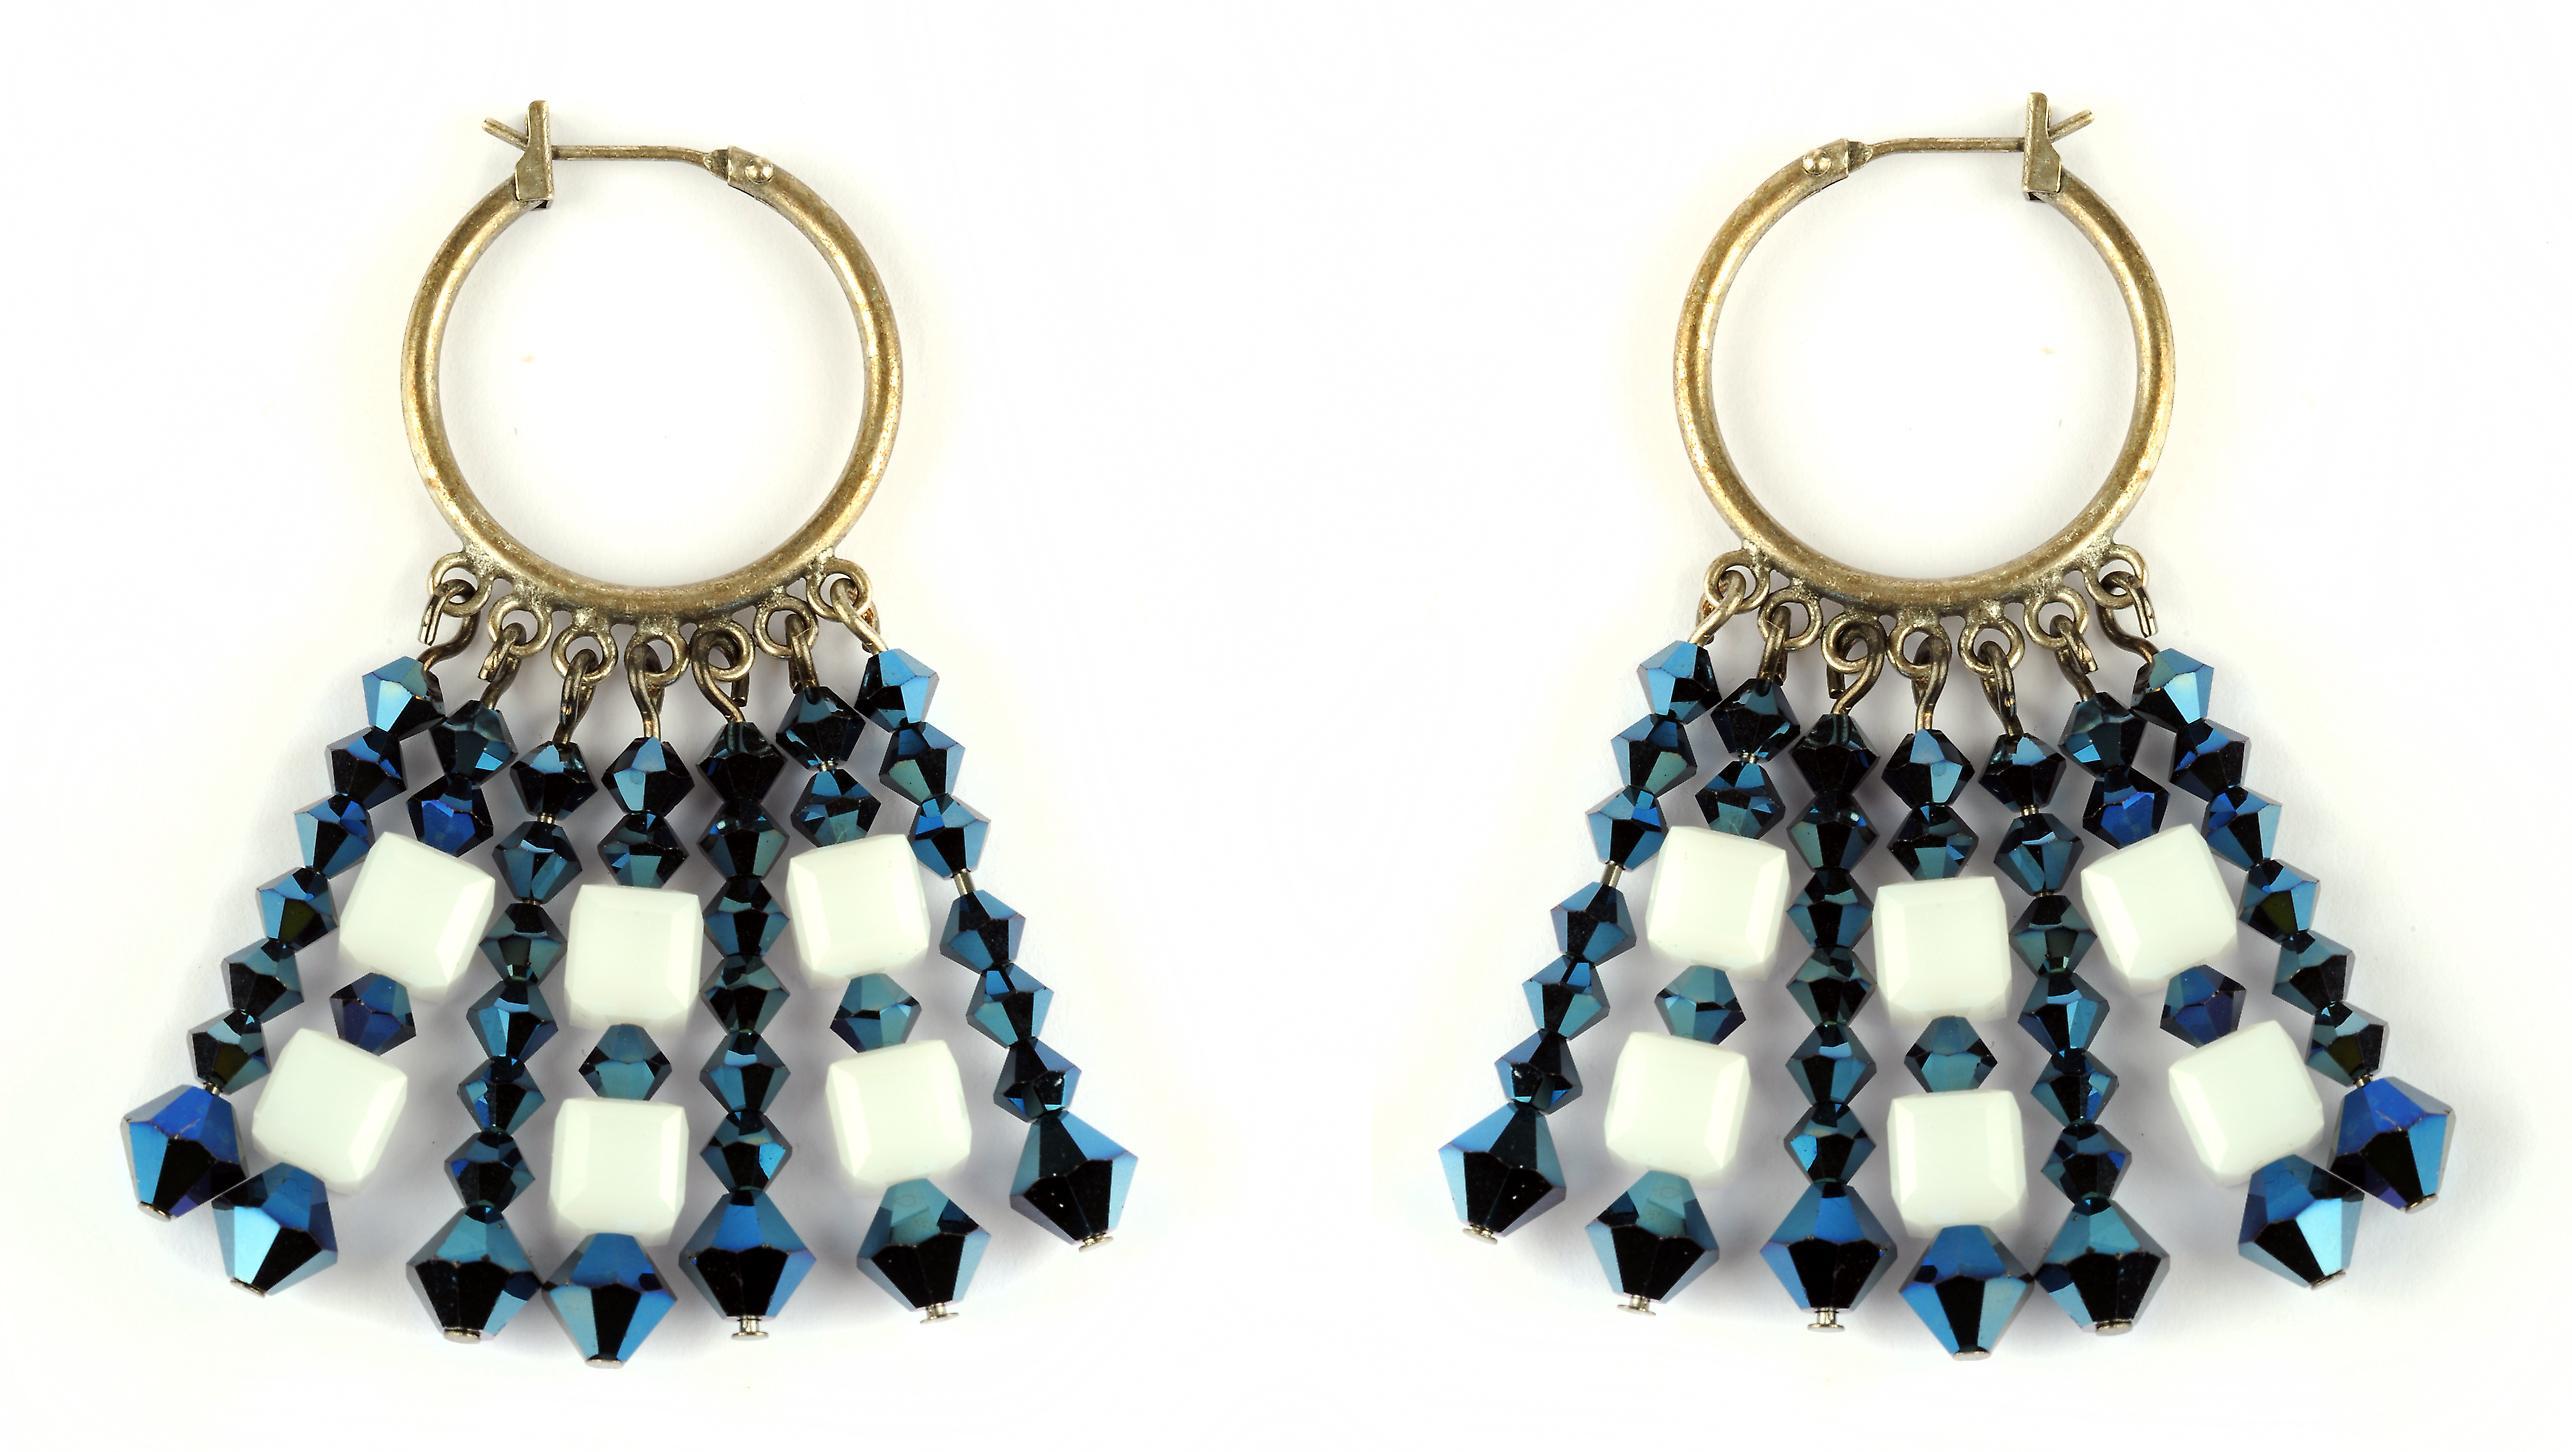 Waooh - Schmuck - WJ0852 - Ohrringe mit Swarovski Strass blau & Perlen Quadrat weiß - Halterung Silber